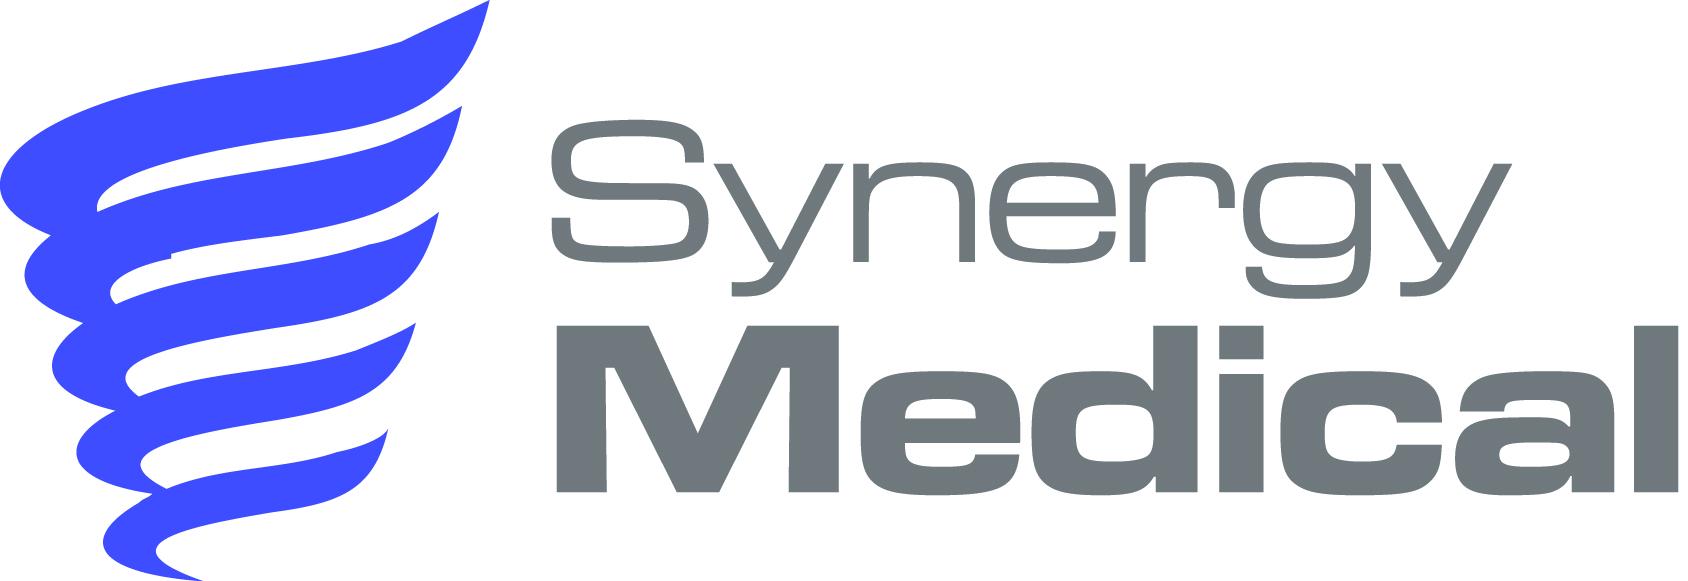 SynergyMedicallogo-ANG.jpeg